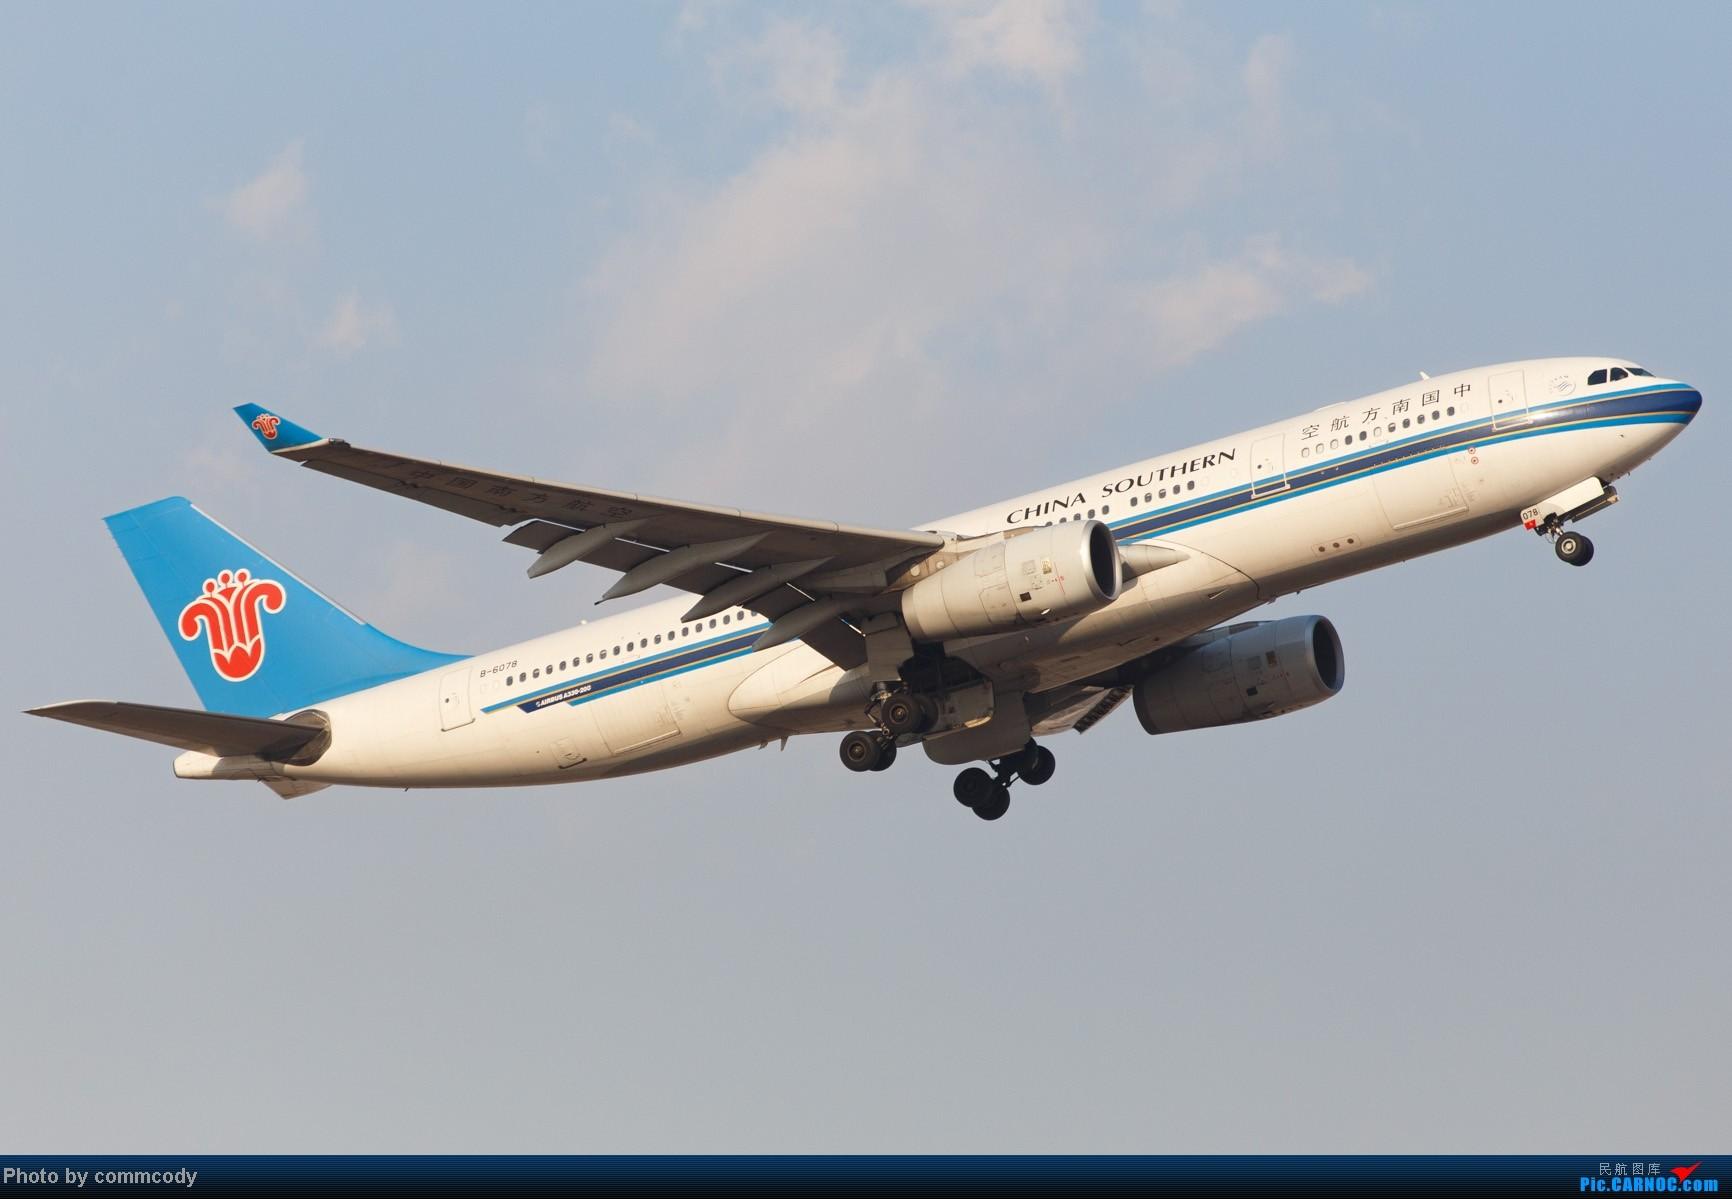 [原创]3月6日南航a332 b-6078 tsn本场训练 airbus a330-200 b-6078图片